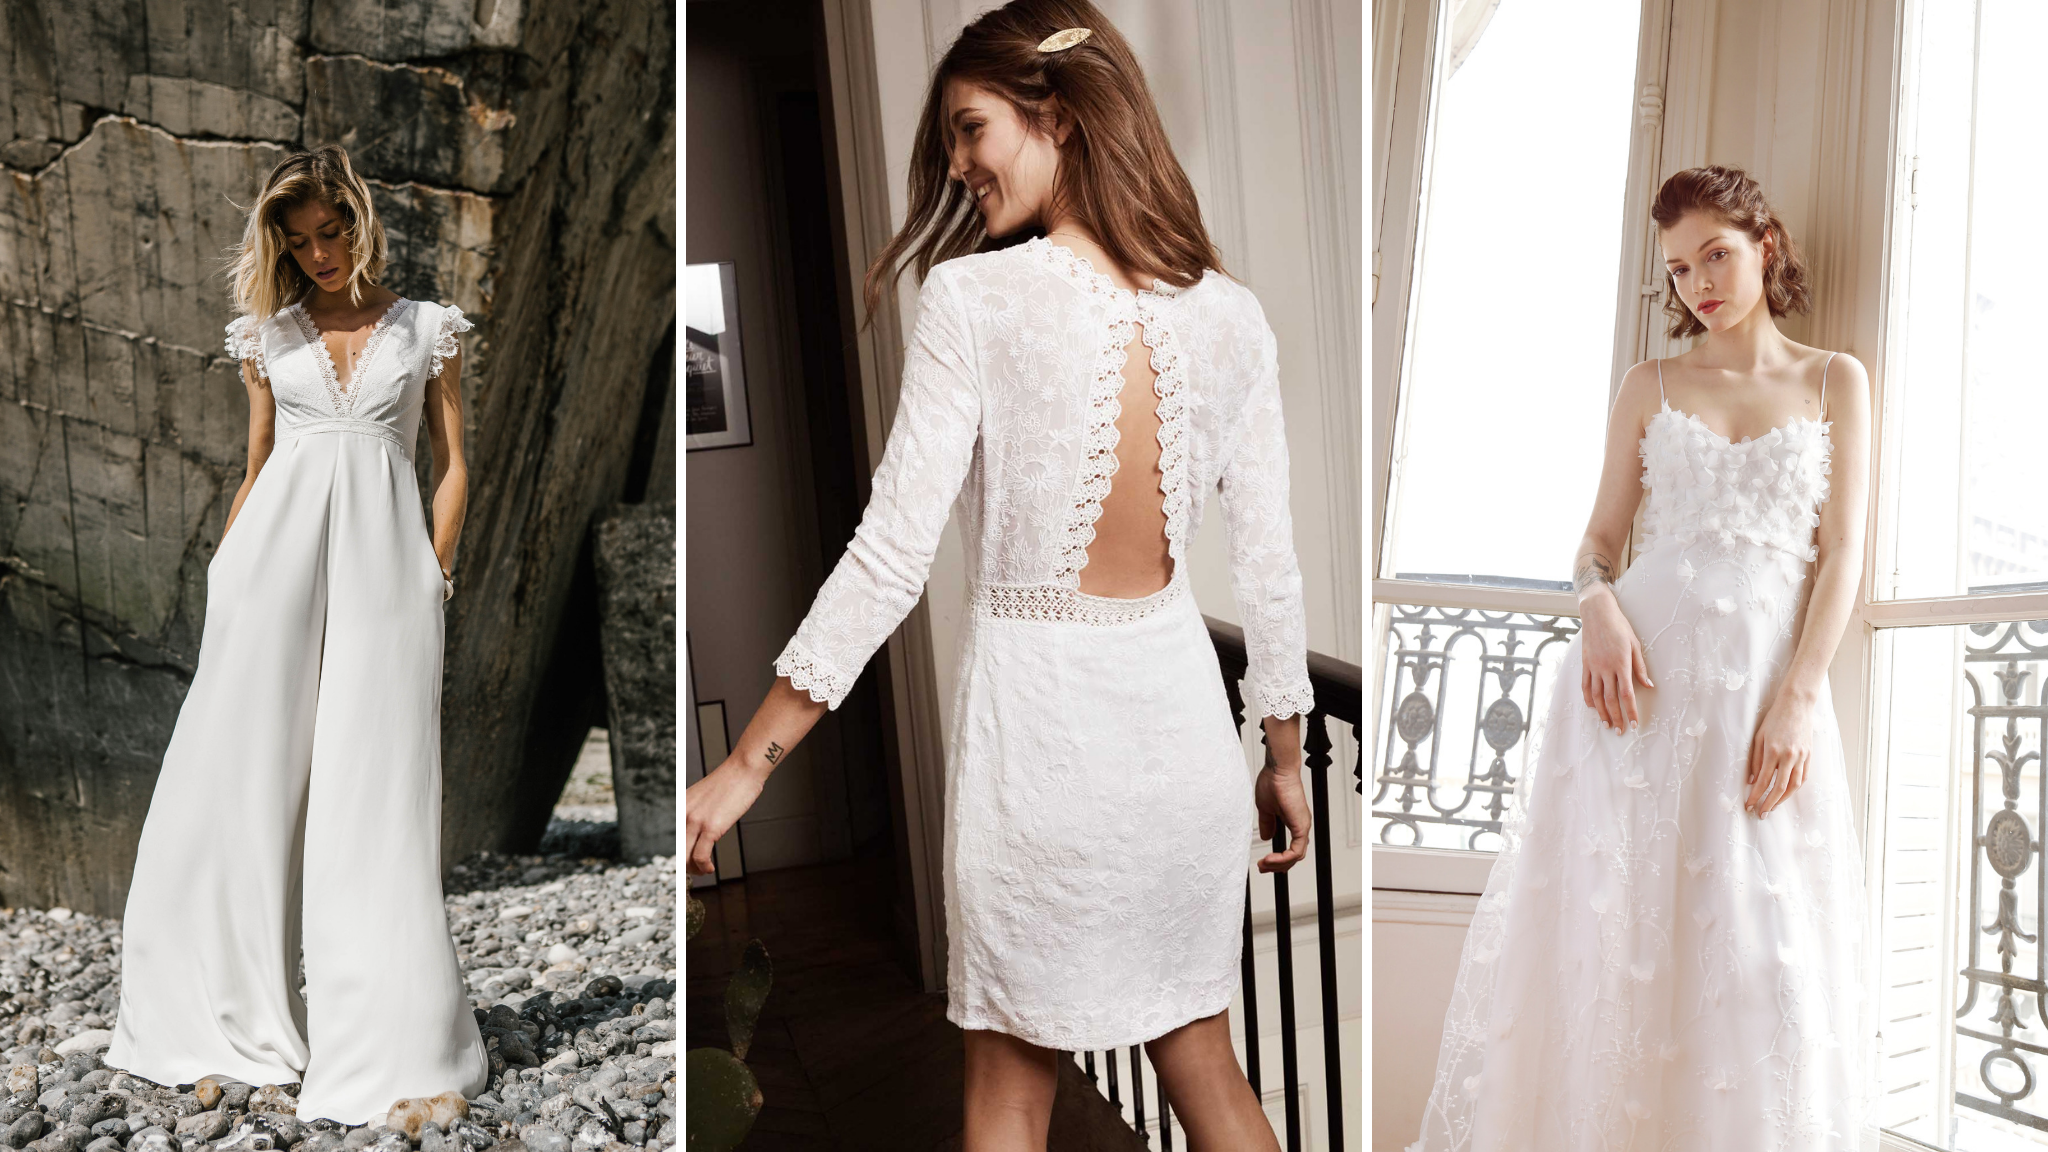 Robes de mariée : les 10 tendances à adopter